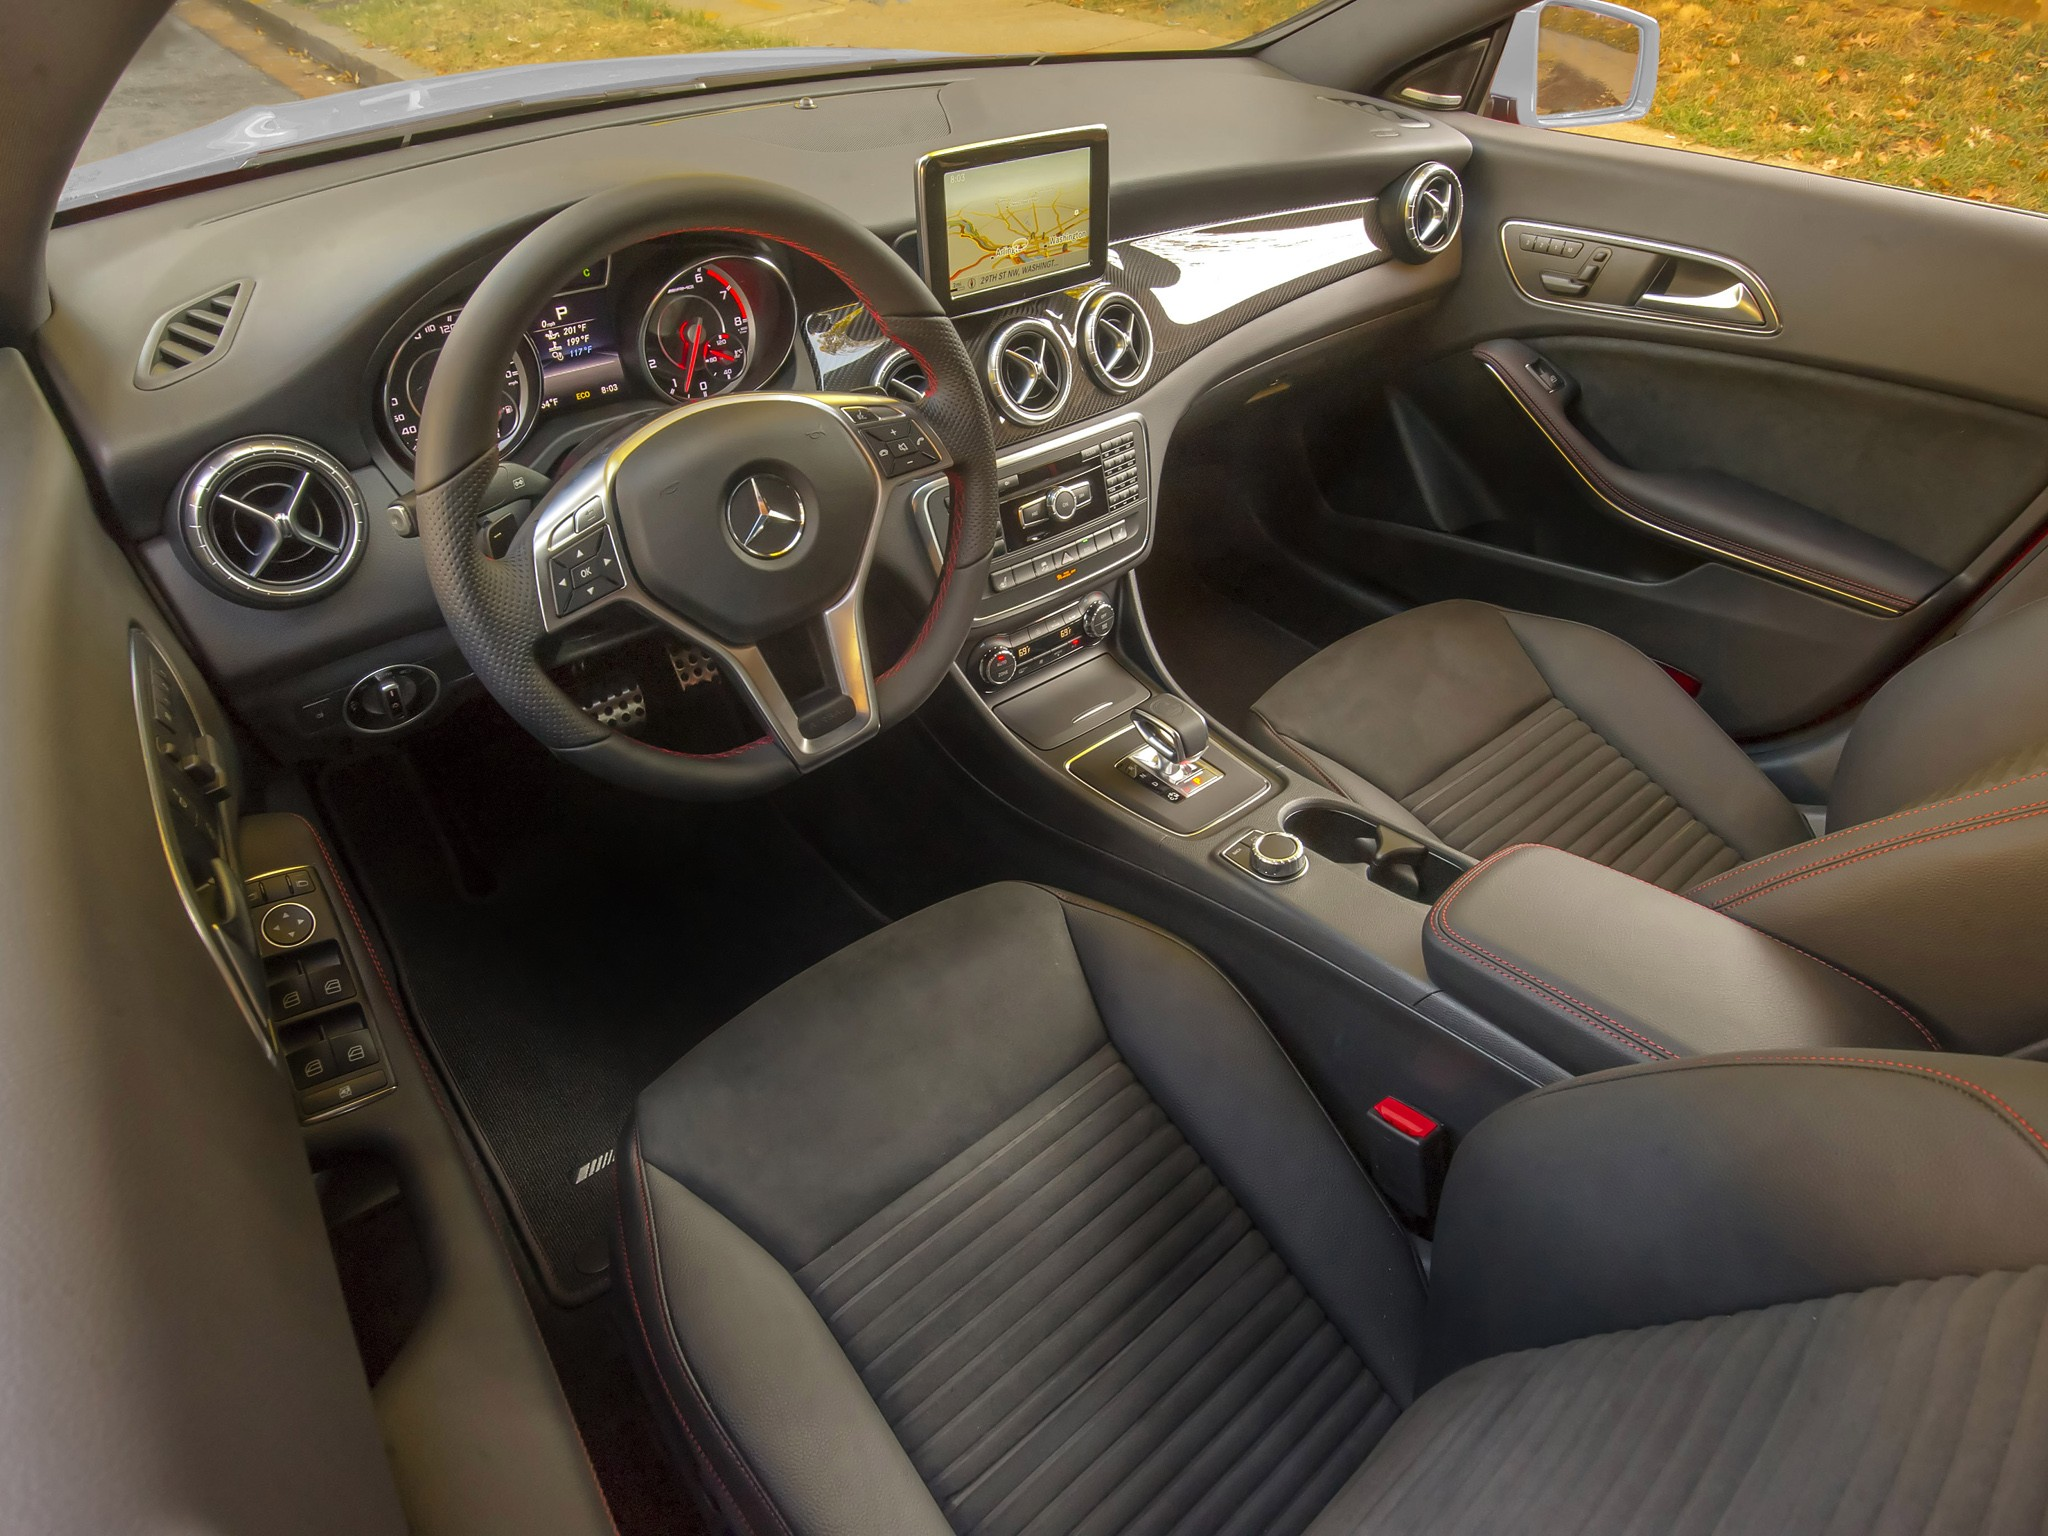 Mercedes Benz Cla 45 Amg C117 Specs 2013 2014 2015 2016 2017 Autoevolution